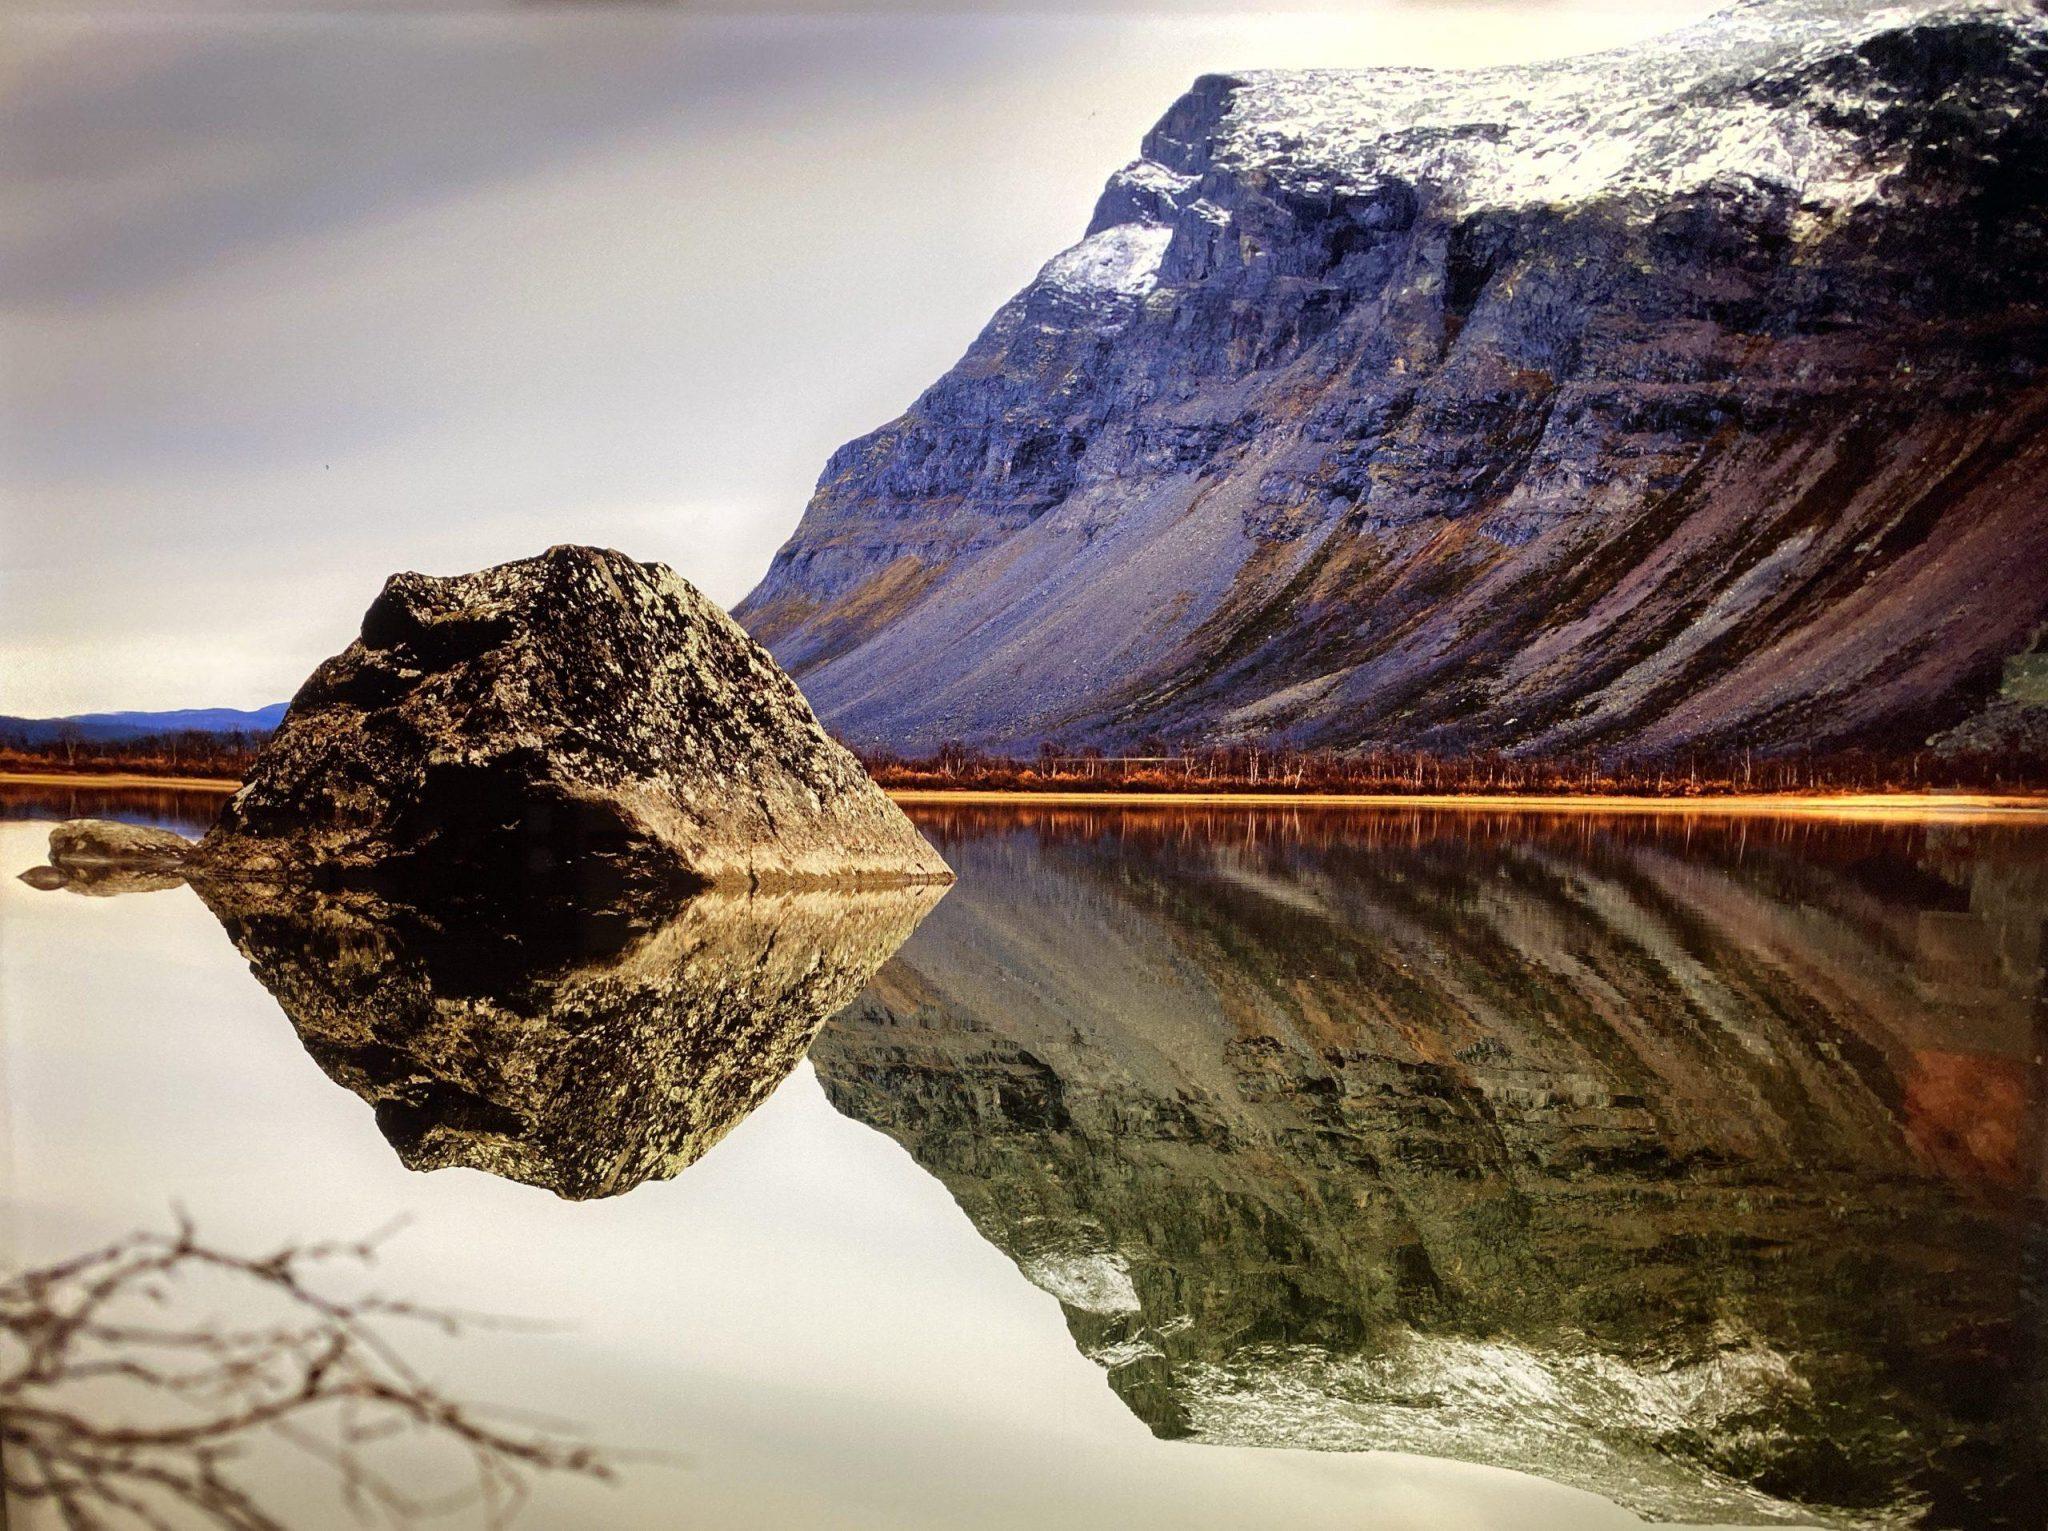 Hébergements insolites en Suède 3 bonnes adresses en Laponie